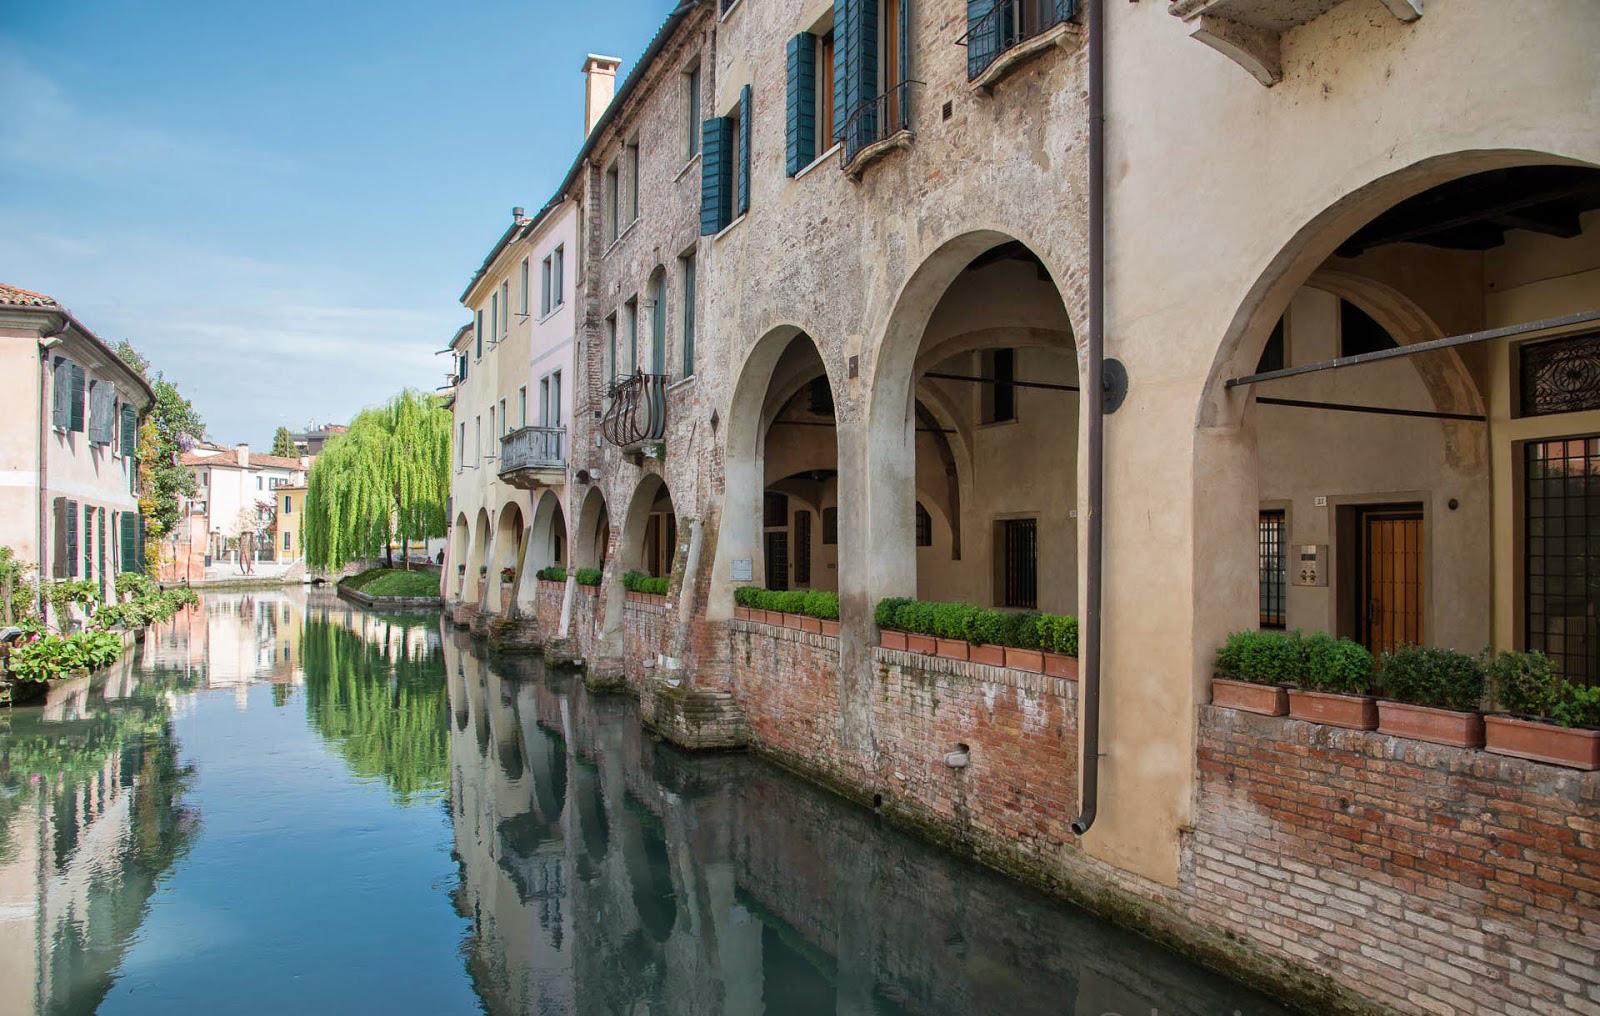 Treviso in bicicletta tra mostre, canali e trattorie - Dove Viaggi